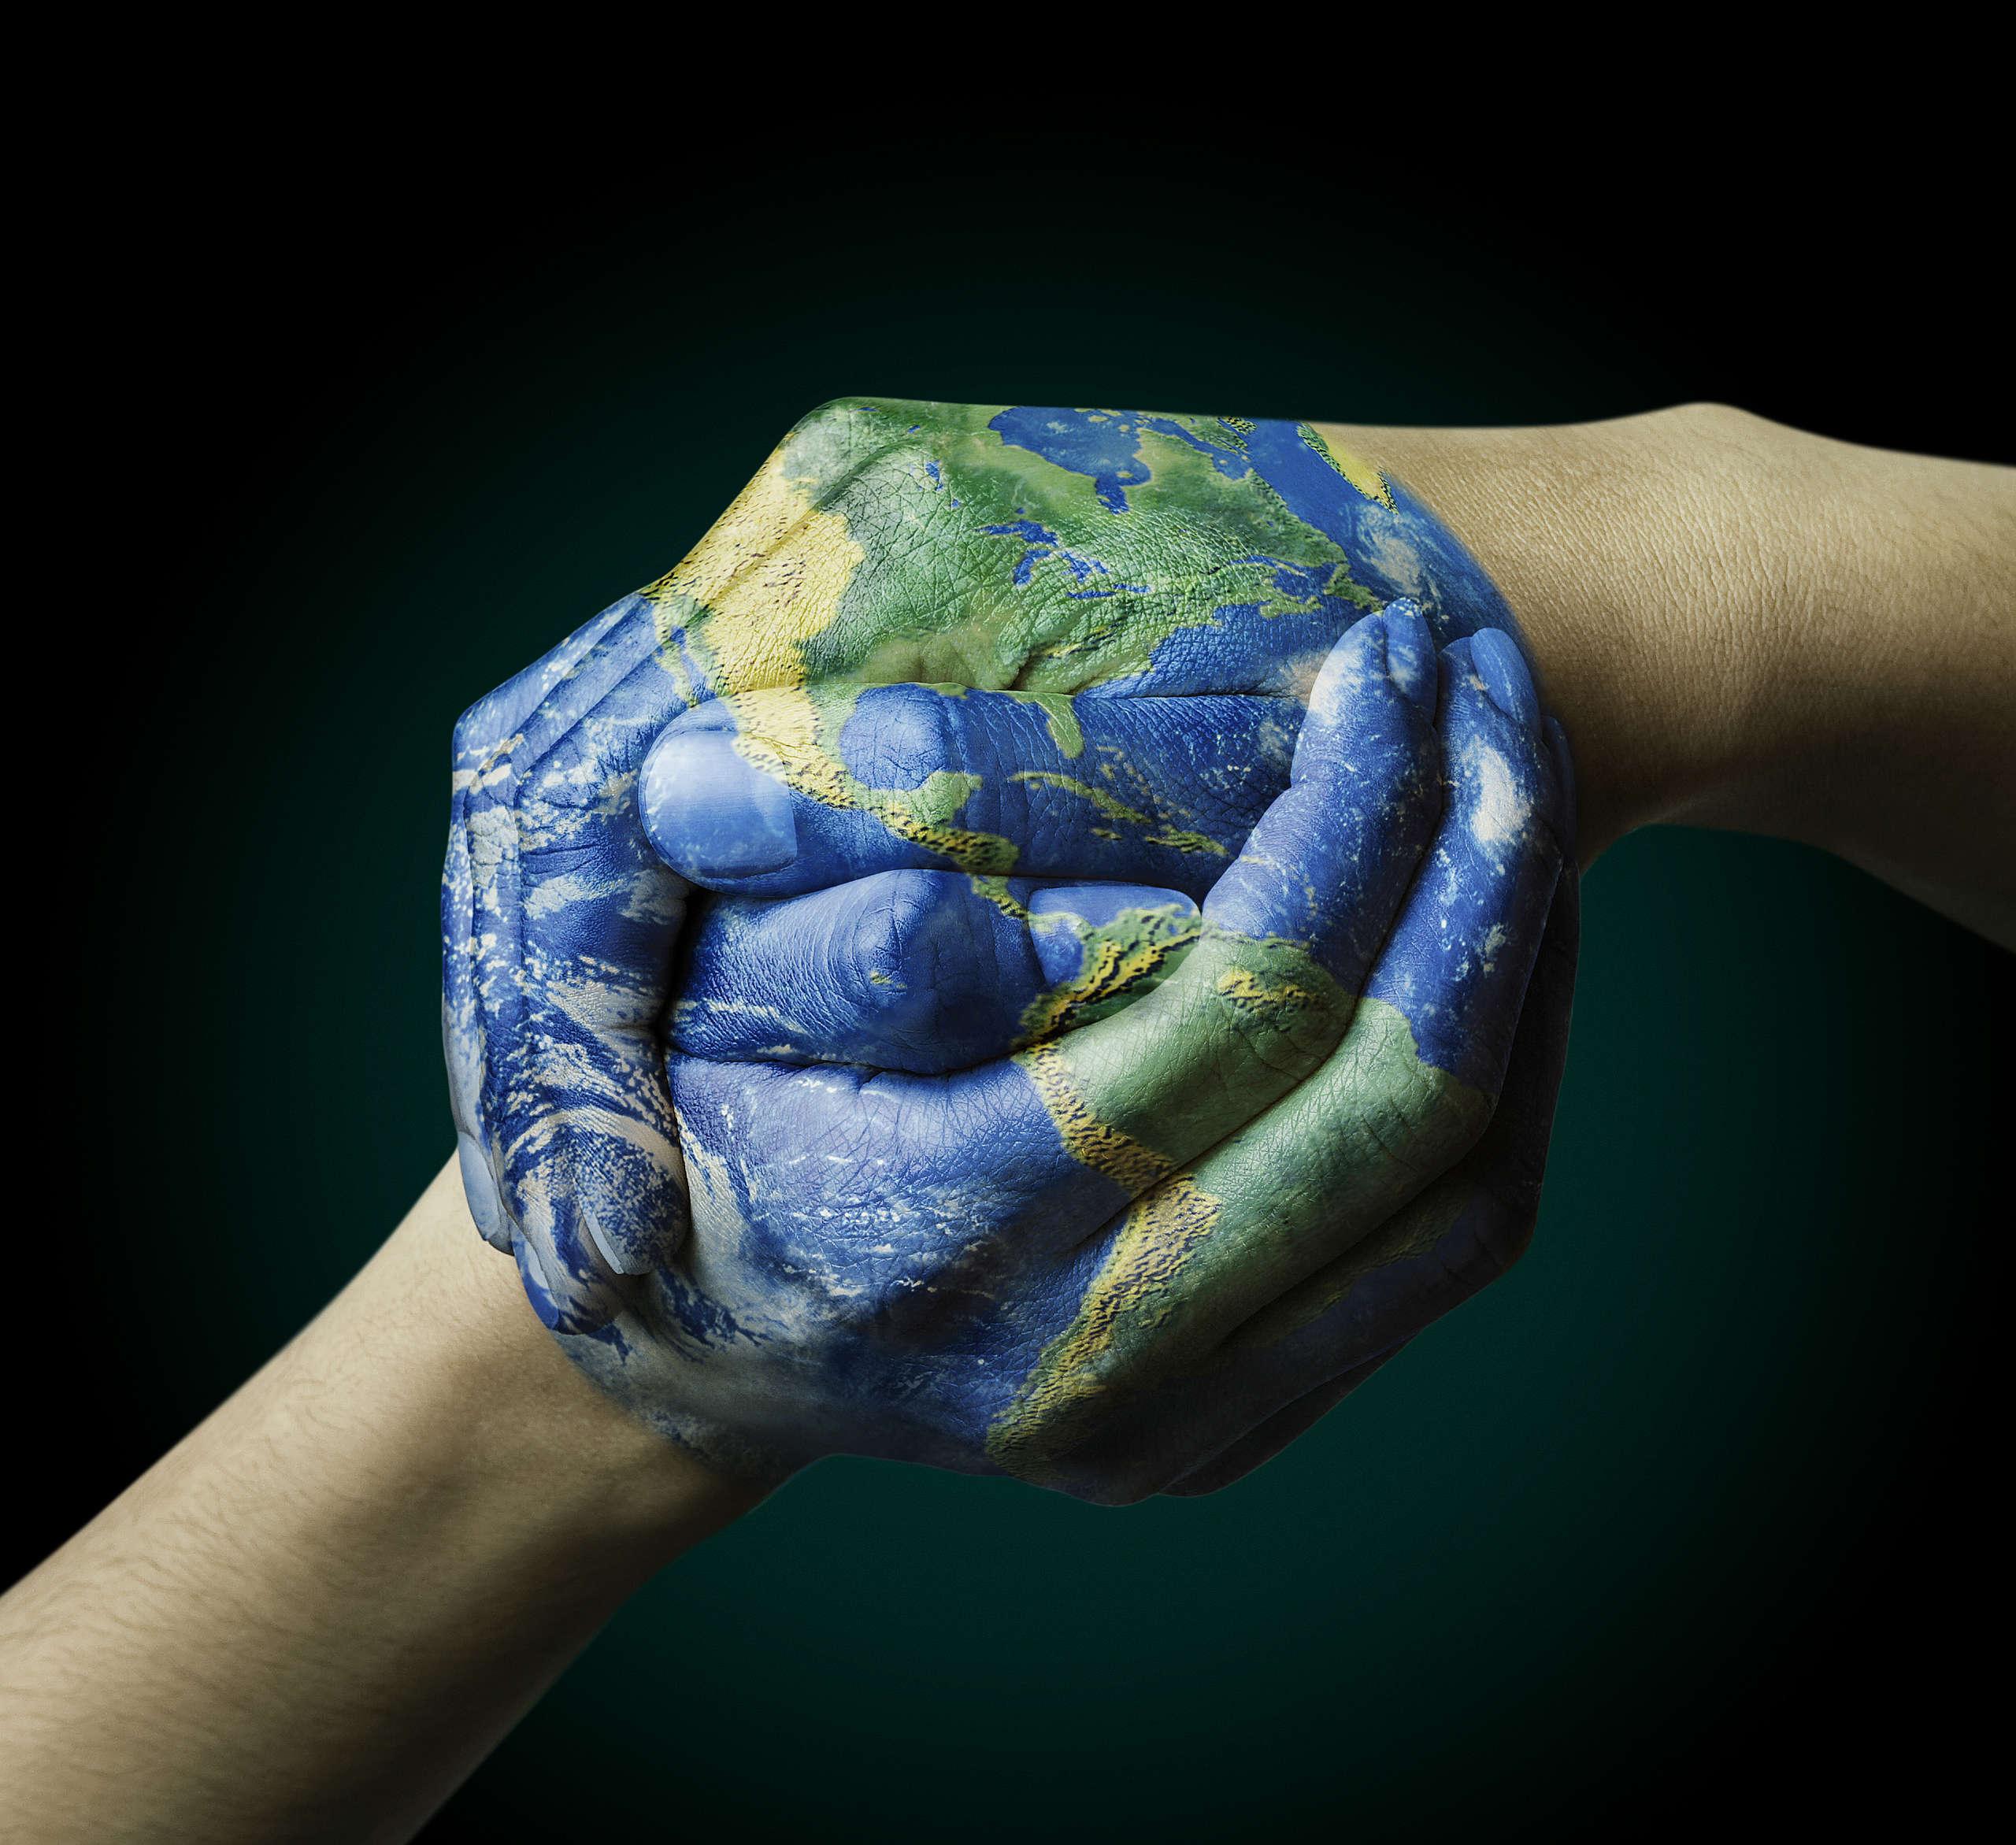 Covid-19: compaixão, cooperação, coragem e escolha - Greenpeace  International